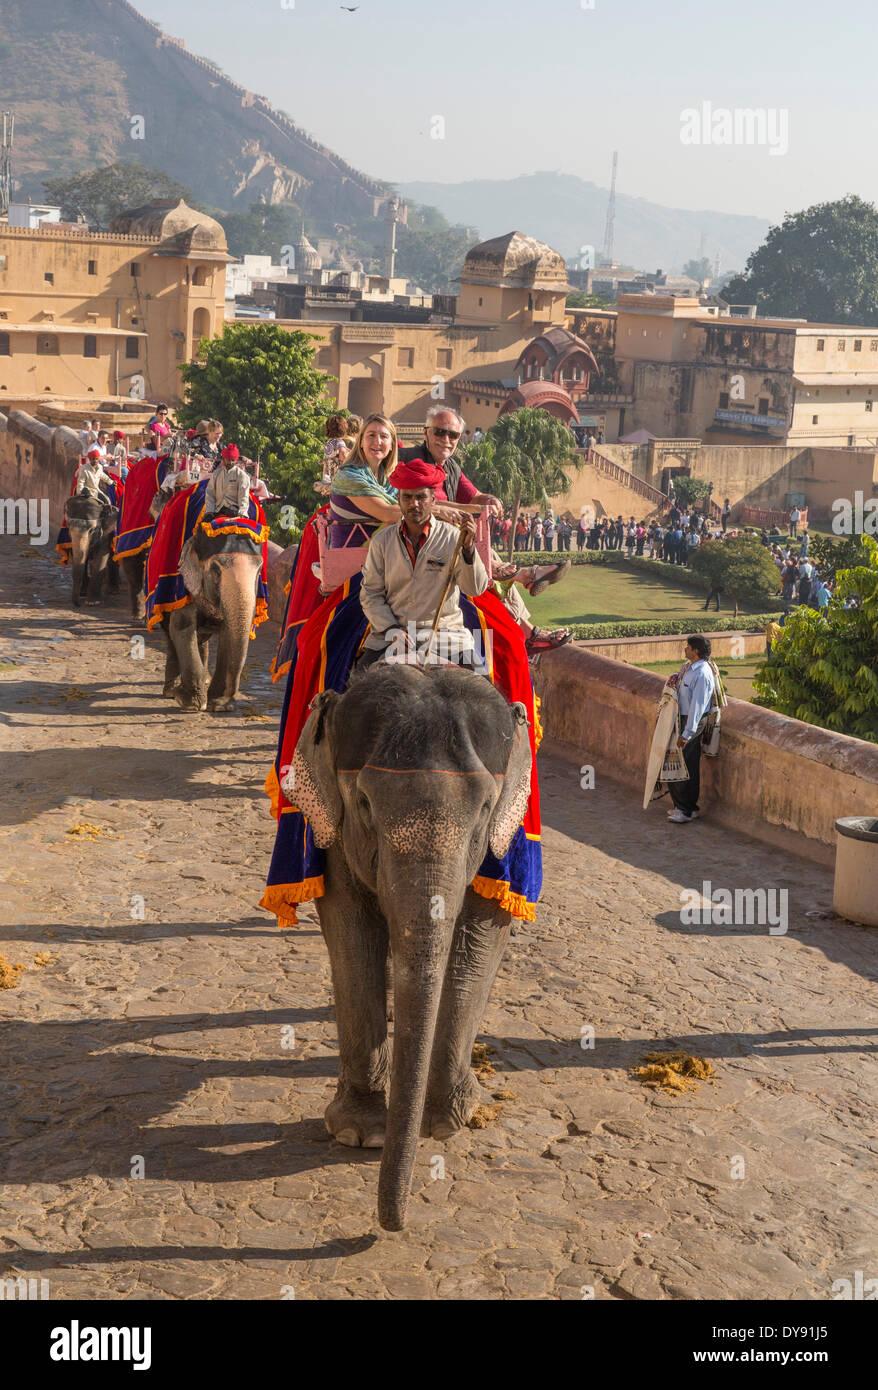 Les touristes, ride, fort, l'Ambre, l'éléphant, l'Asie, l'Inde, l'éléphant, le Rajasthan, Jaipur, Amber, Photo Stock